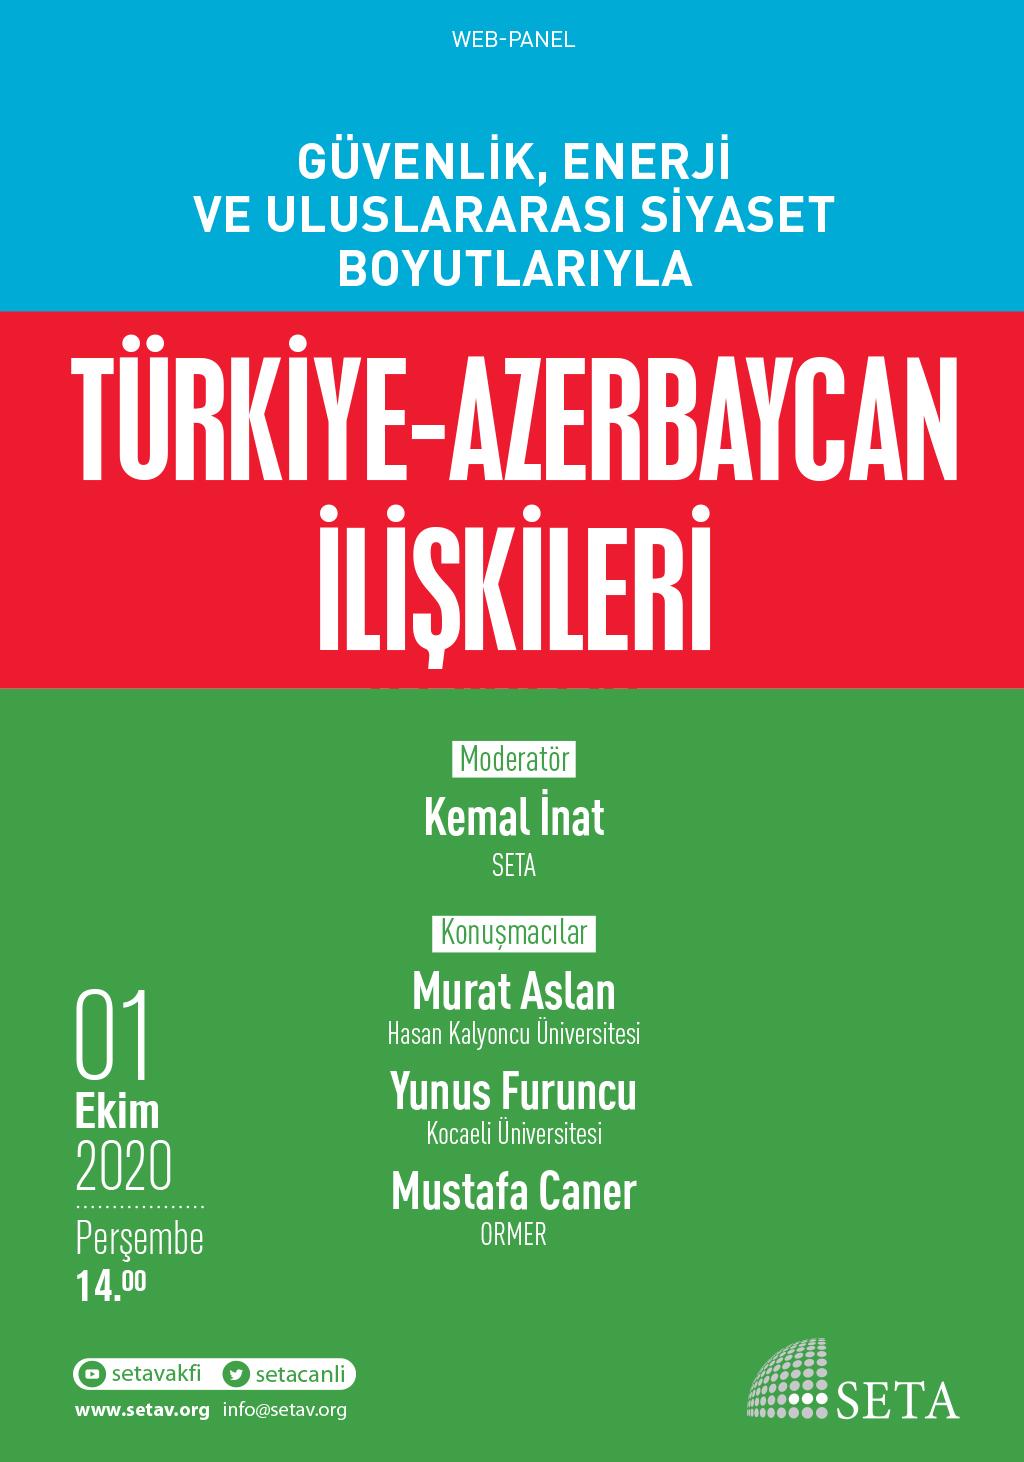 Web Panel: Güvenlik, Enerji ve Uluslararası Siyaset Boyutlarıyla Türkiye-Azerbaycan İlişkileri